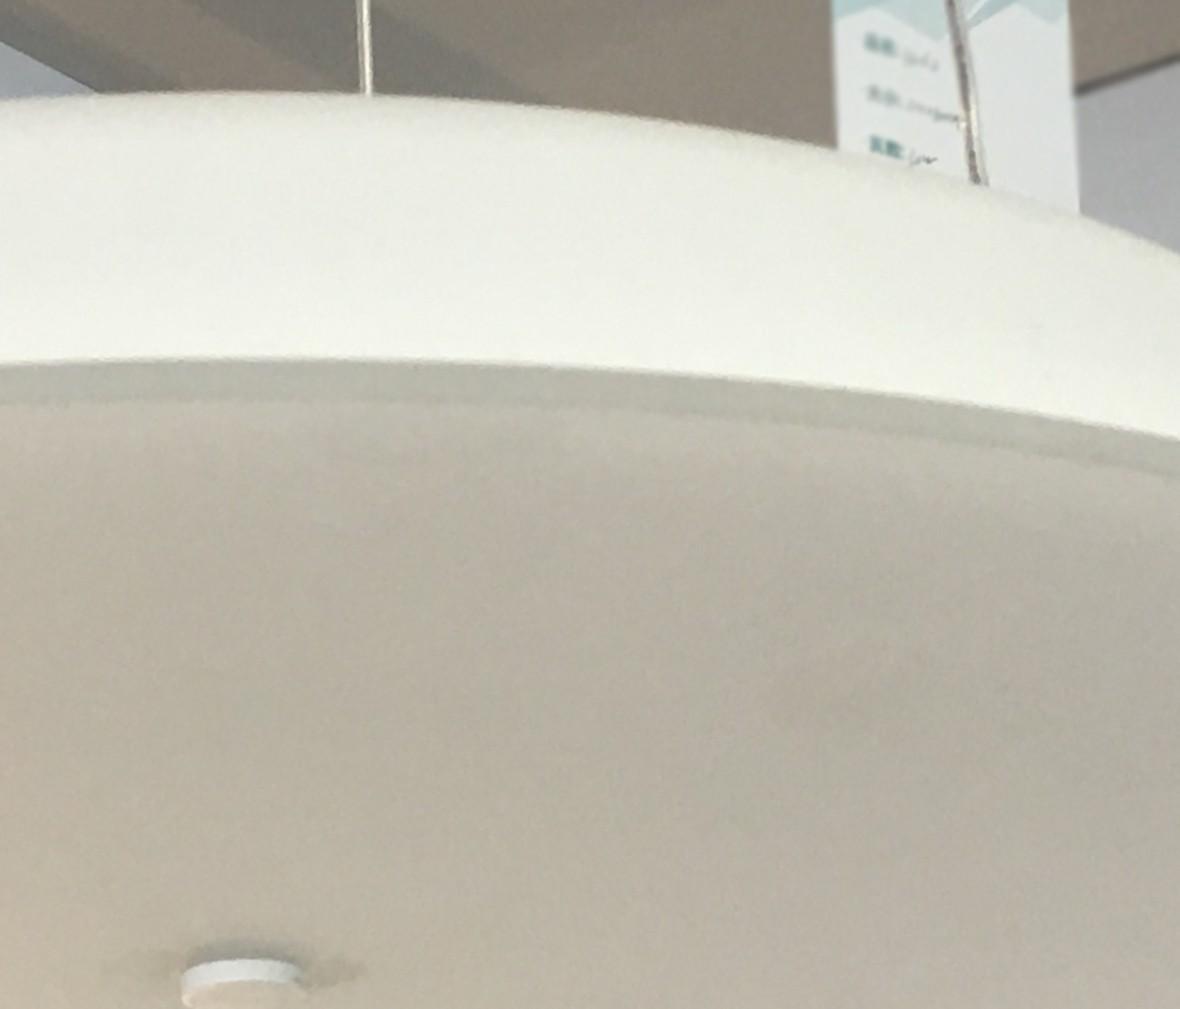 倍雅灯饰 飞利浦豆蔻型号吊灯 客厅吊灯 PVC材质 美观大气吊灯 图片、价格、品牌、评测样样齐全!【蓝景商城正品行货,蓝景丽家大钟寺家居广场提货,北京地区配送,领券更优惠,线上线下同品同价,立即购买享受更多优惠哦!】